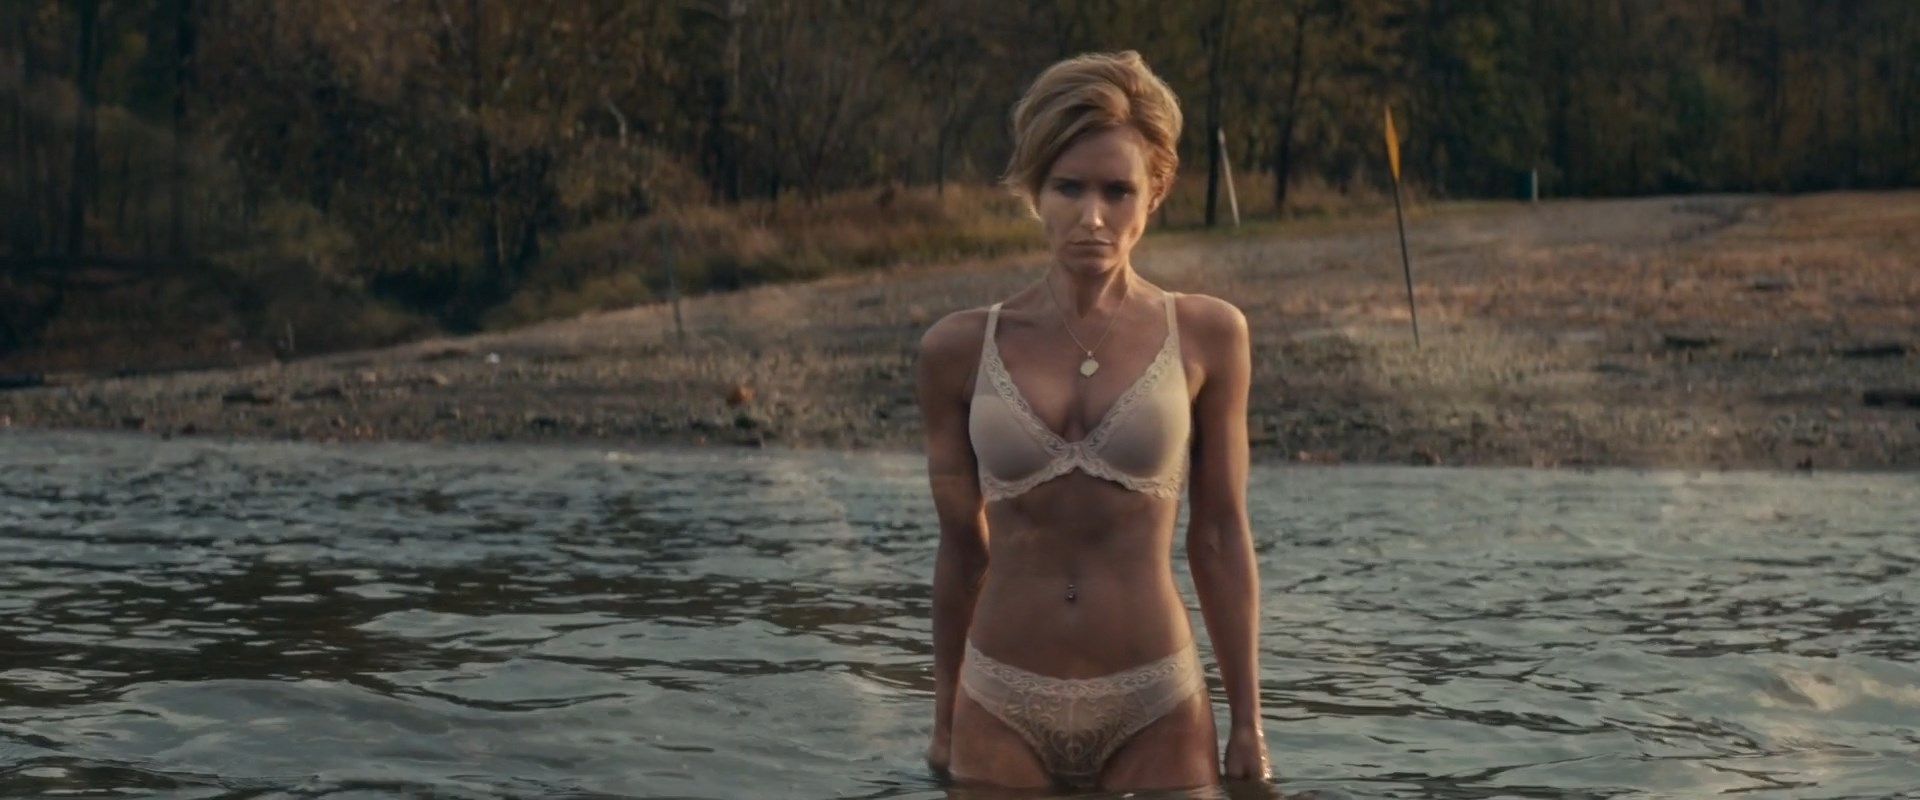 eva-marie-saint-nude-women